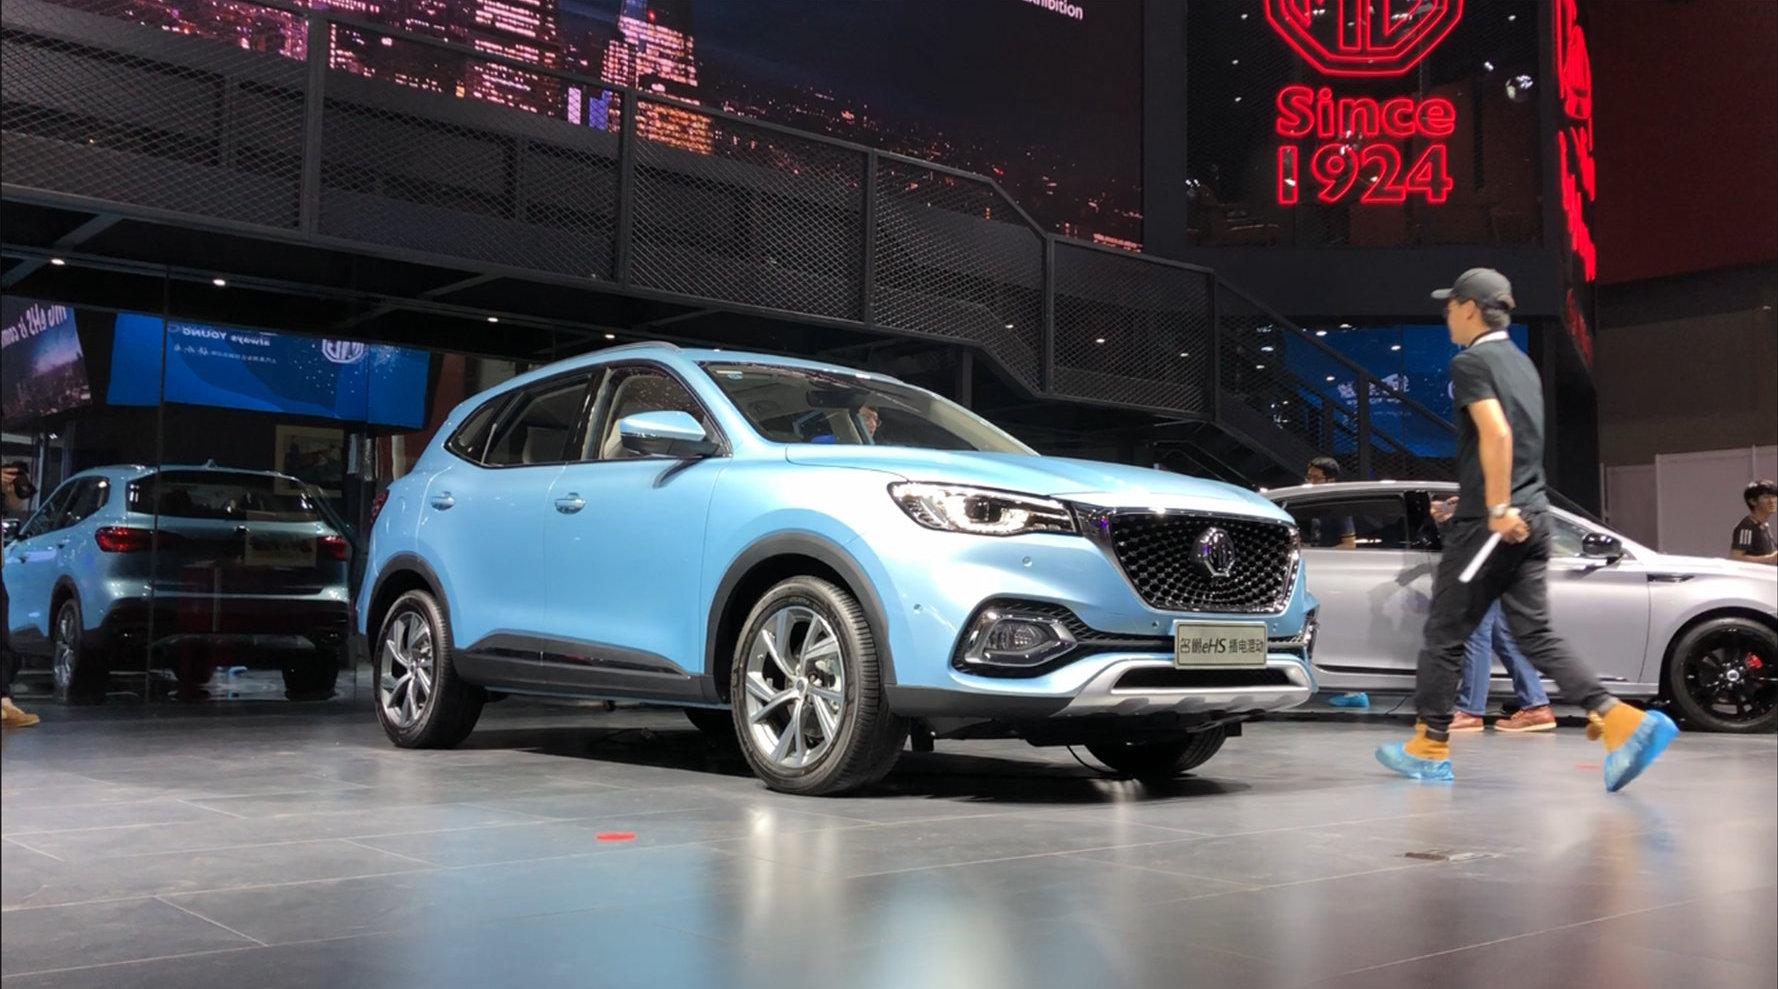 在本届2019广州车展上,名爵eHS这款插电混动车型也是受到很多关注